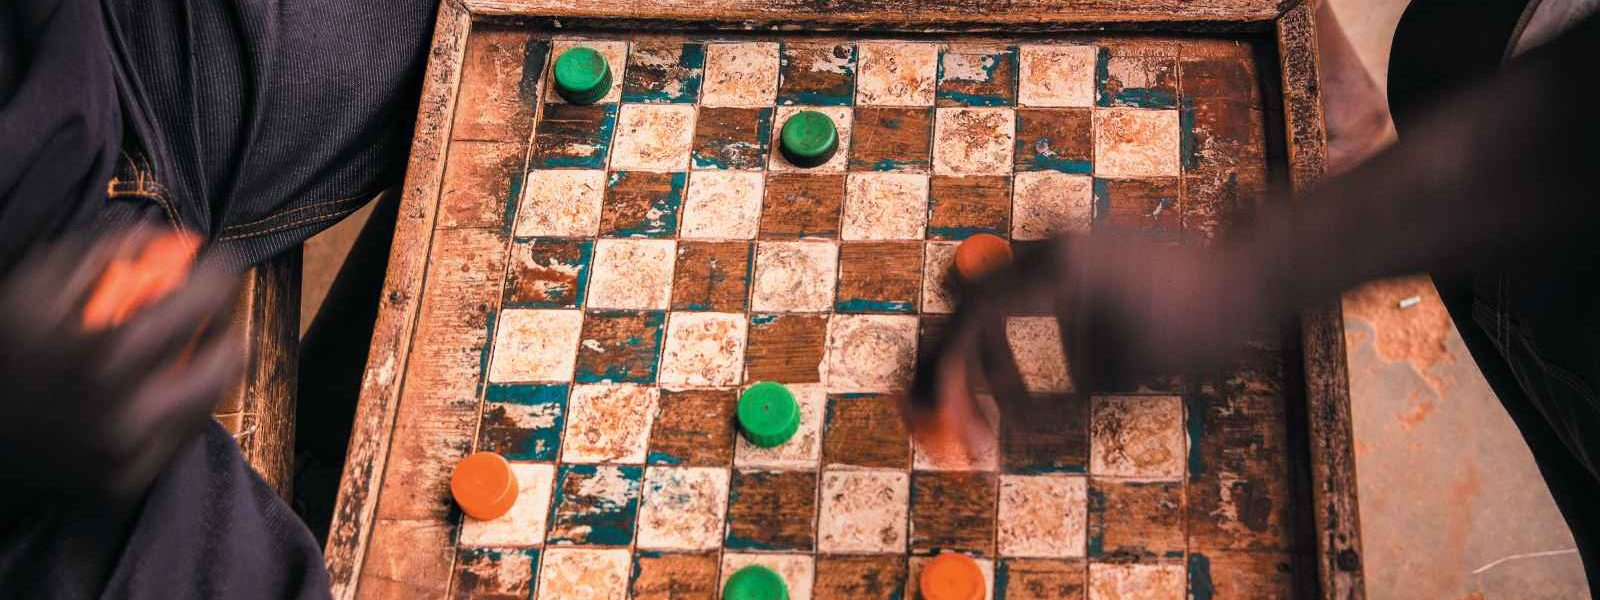 Hommes jouant à un jeu de dames, Ouganda